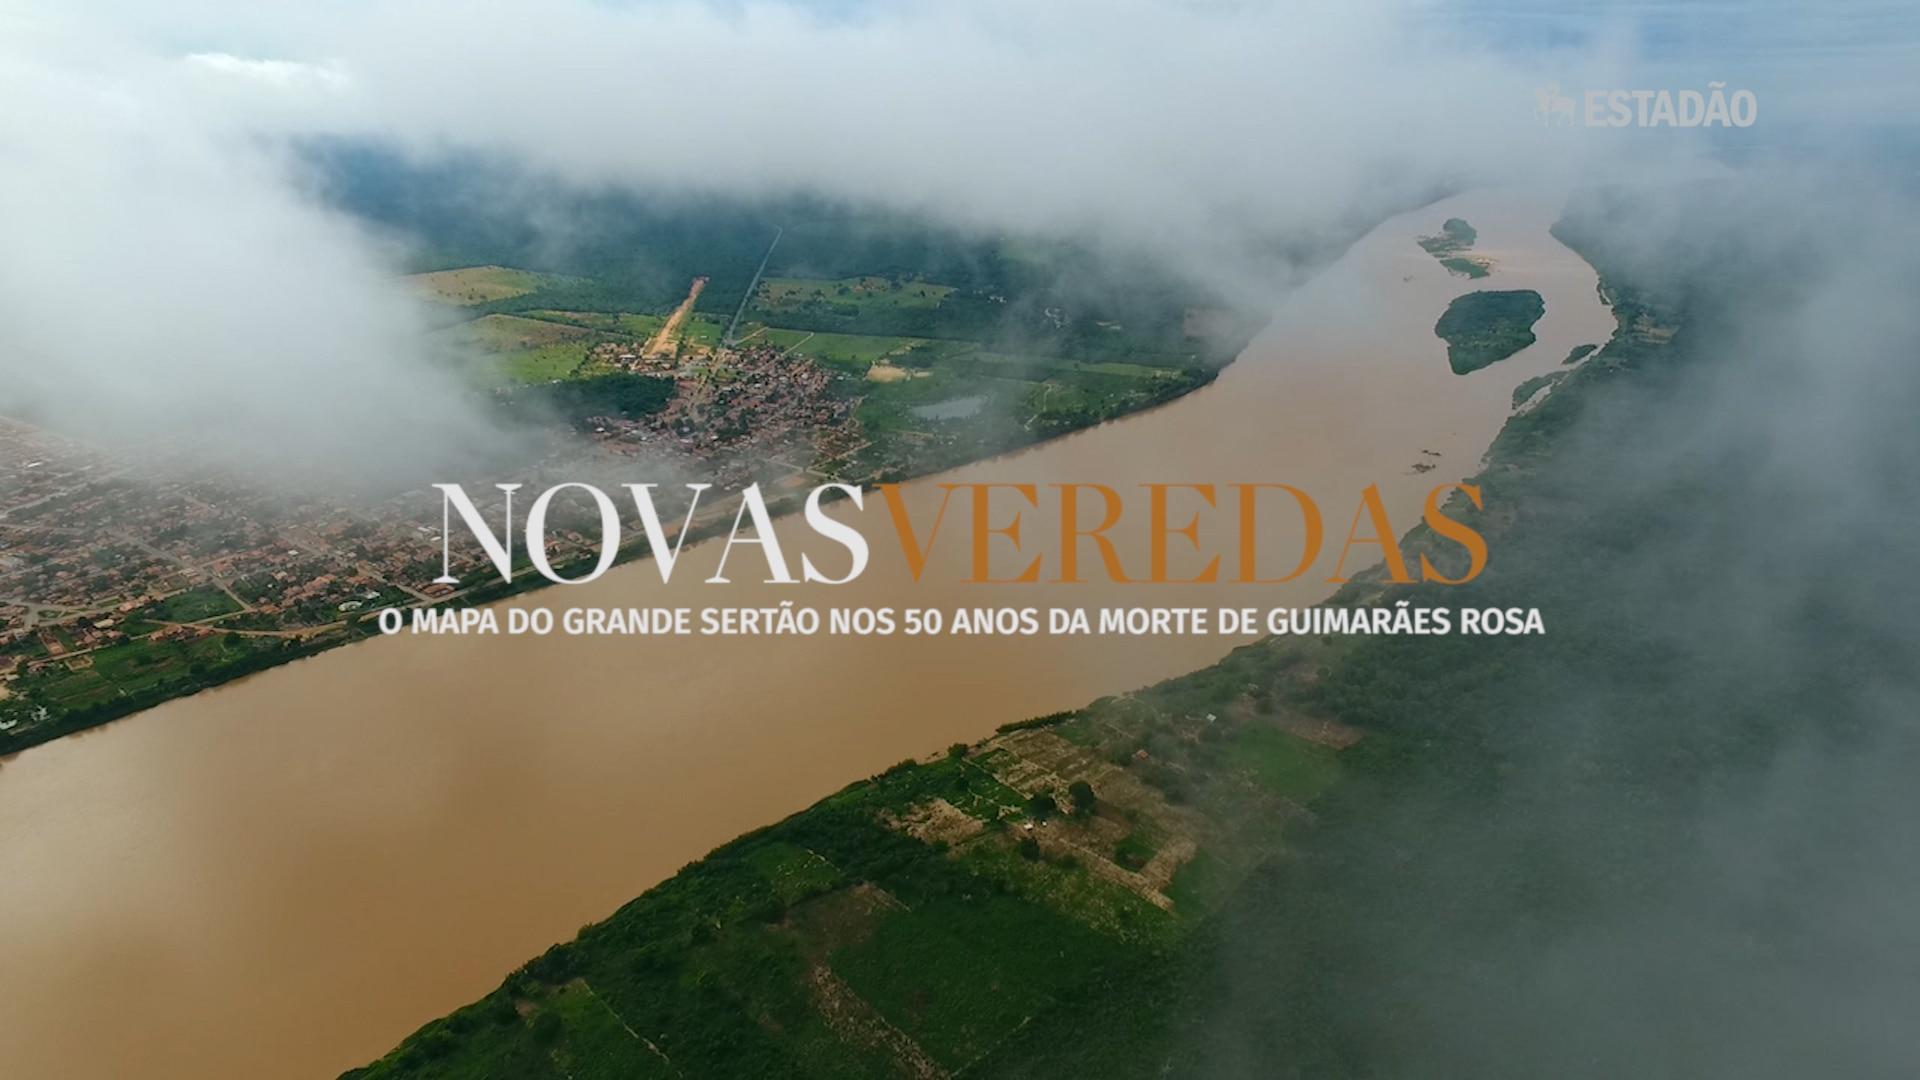 Novas Veredas: Conflito de terra e água